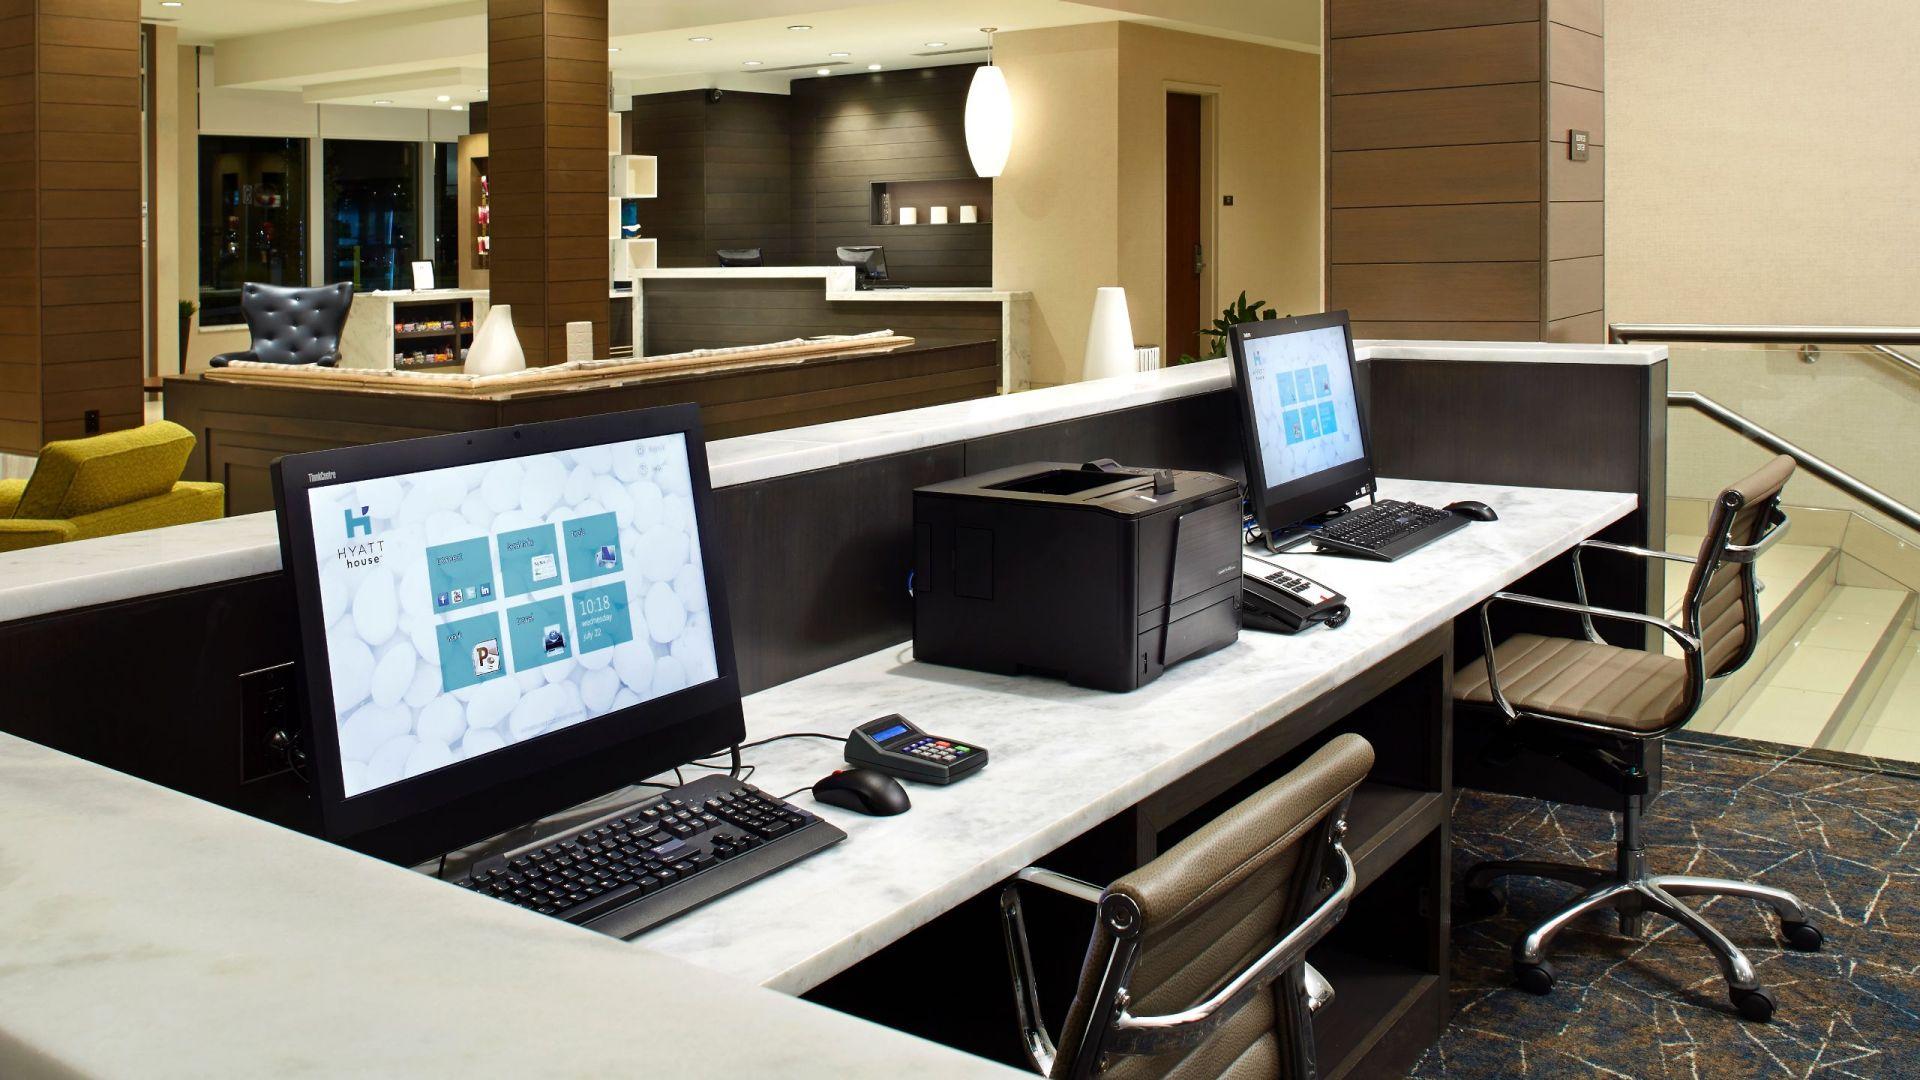 Hyatt House Business Center